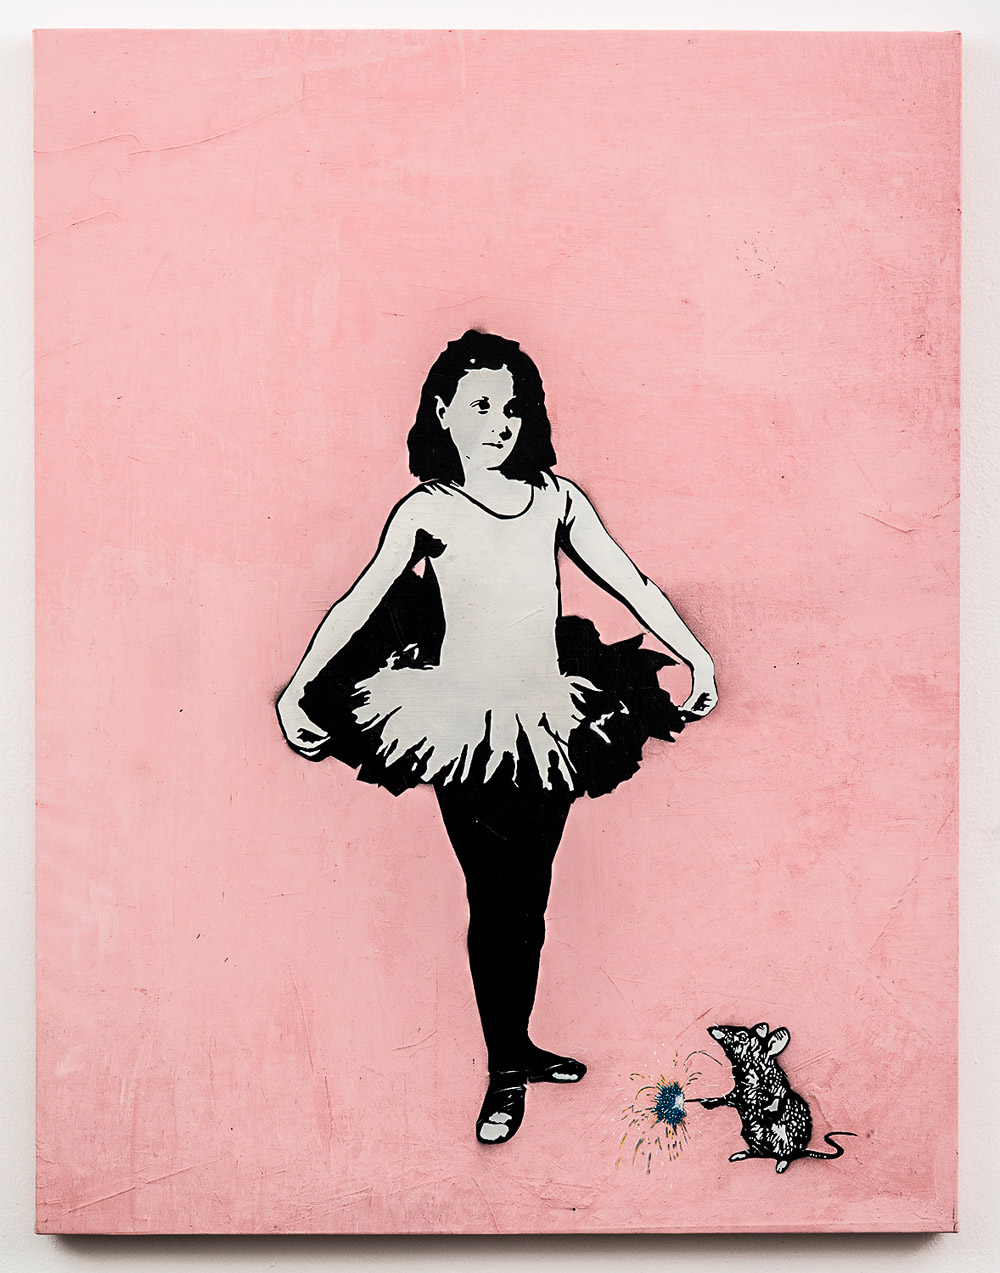 blek-le-rat-stencil-graffiti-art-14